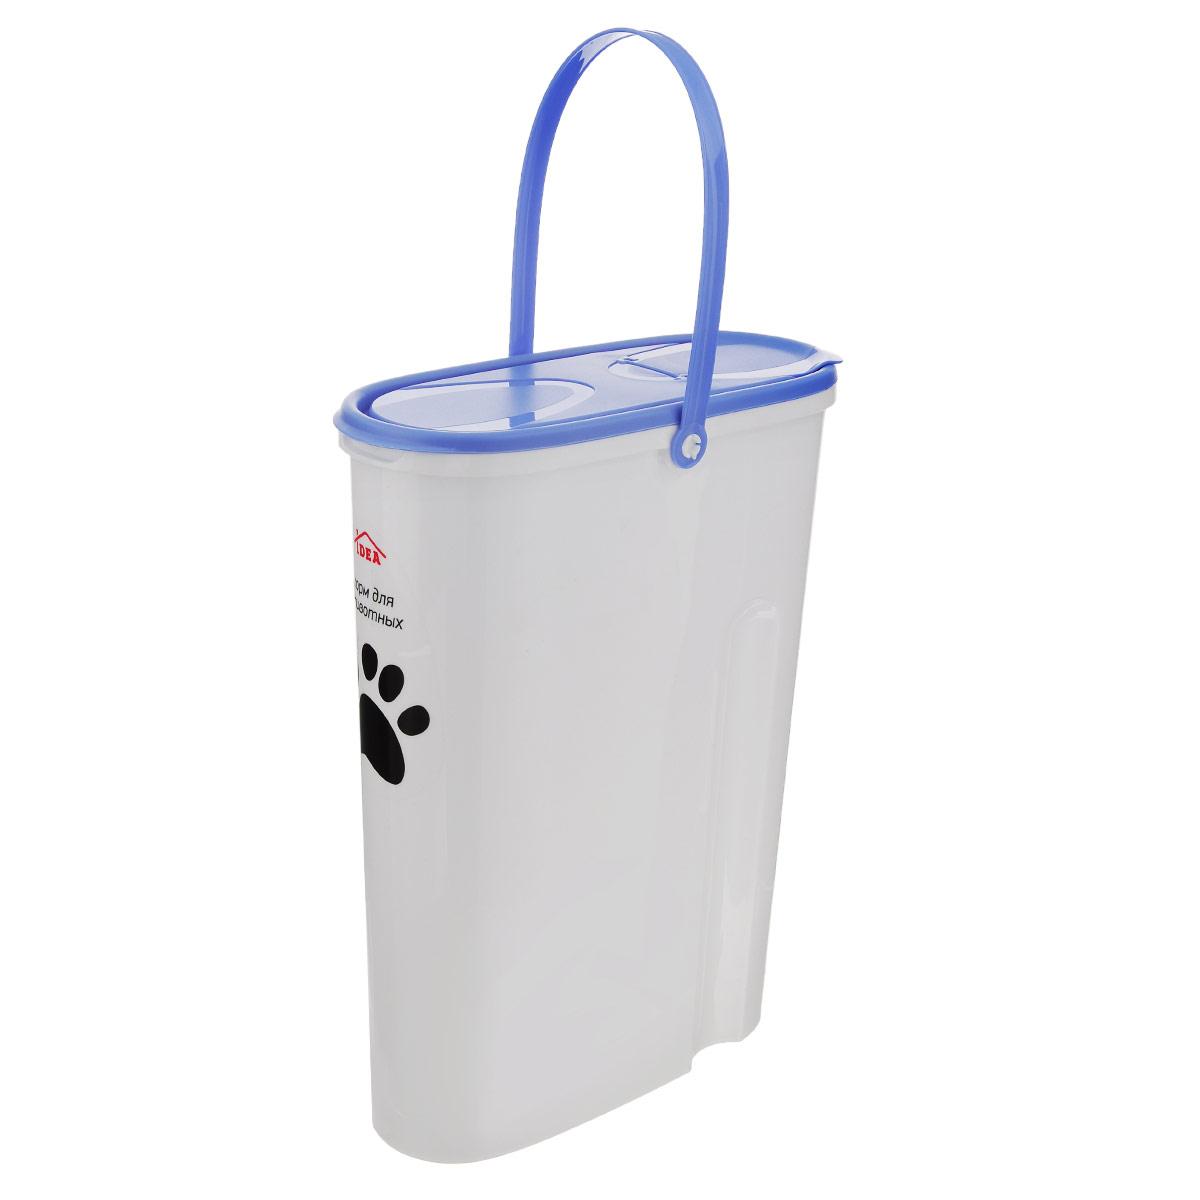 Контейнер Idea для хранения корма, цвет: синий, 5 лМ 1242Контейнер Idea, изготовленный из высококачественного пластика, предназначен для хранения корма для животных. Крышку можно полностью снять или просто приподнять ее небольшую часть. Контейнер оснащен ручкой, благодаря которой можно без проблем переносить с места на место. В таком контейнере корм останется всегда свежим.